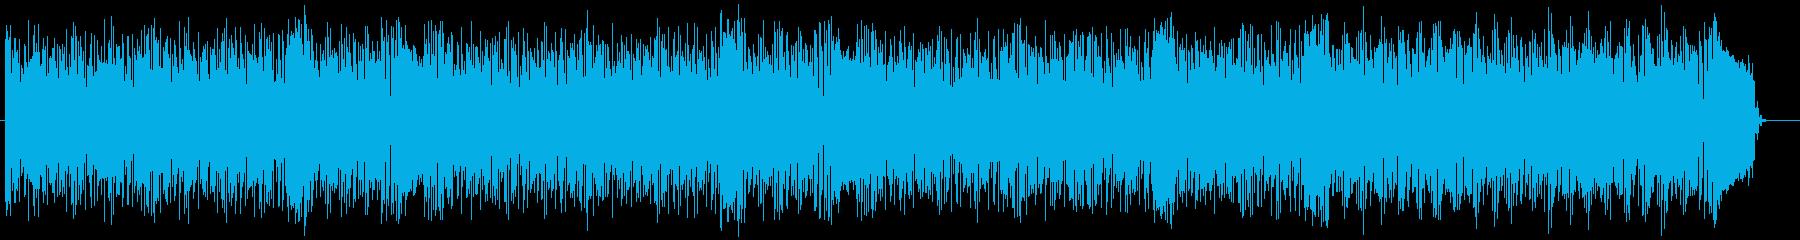 走り出すようなテクノポップの再生済みの波形